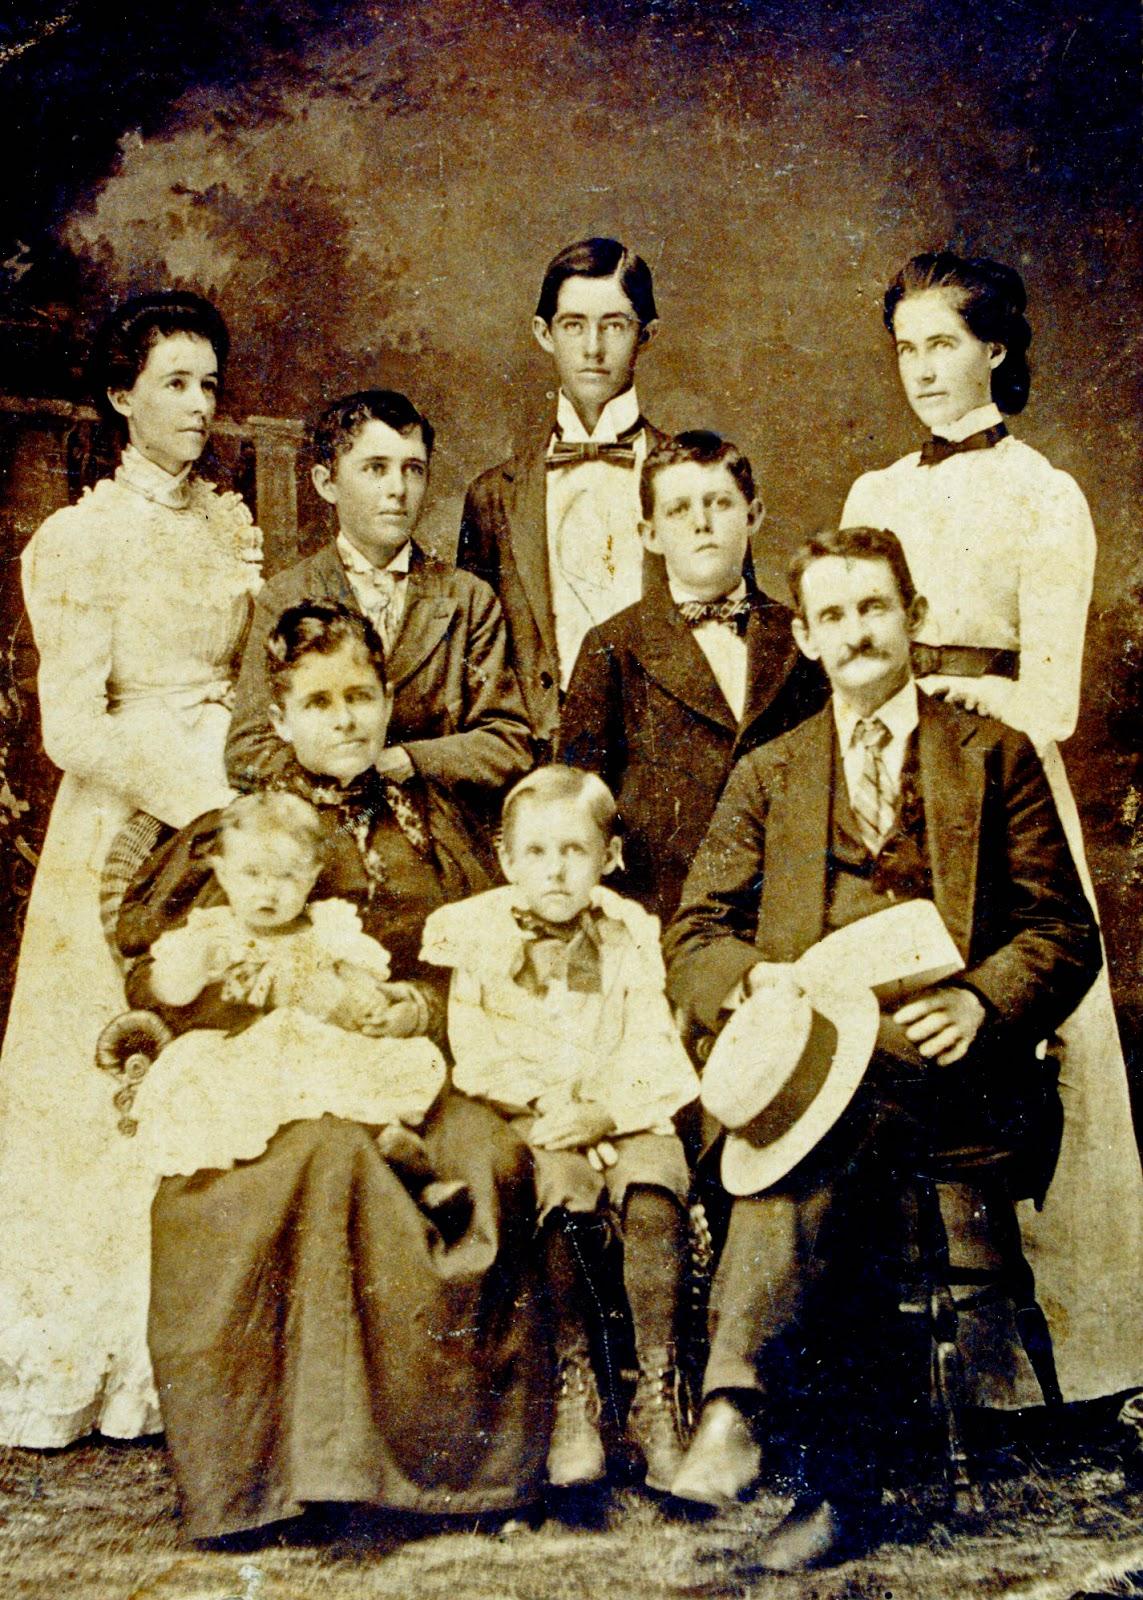 WILLIAM P. NEELD FAMILY 1901